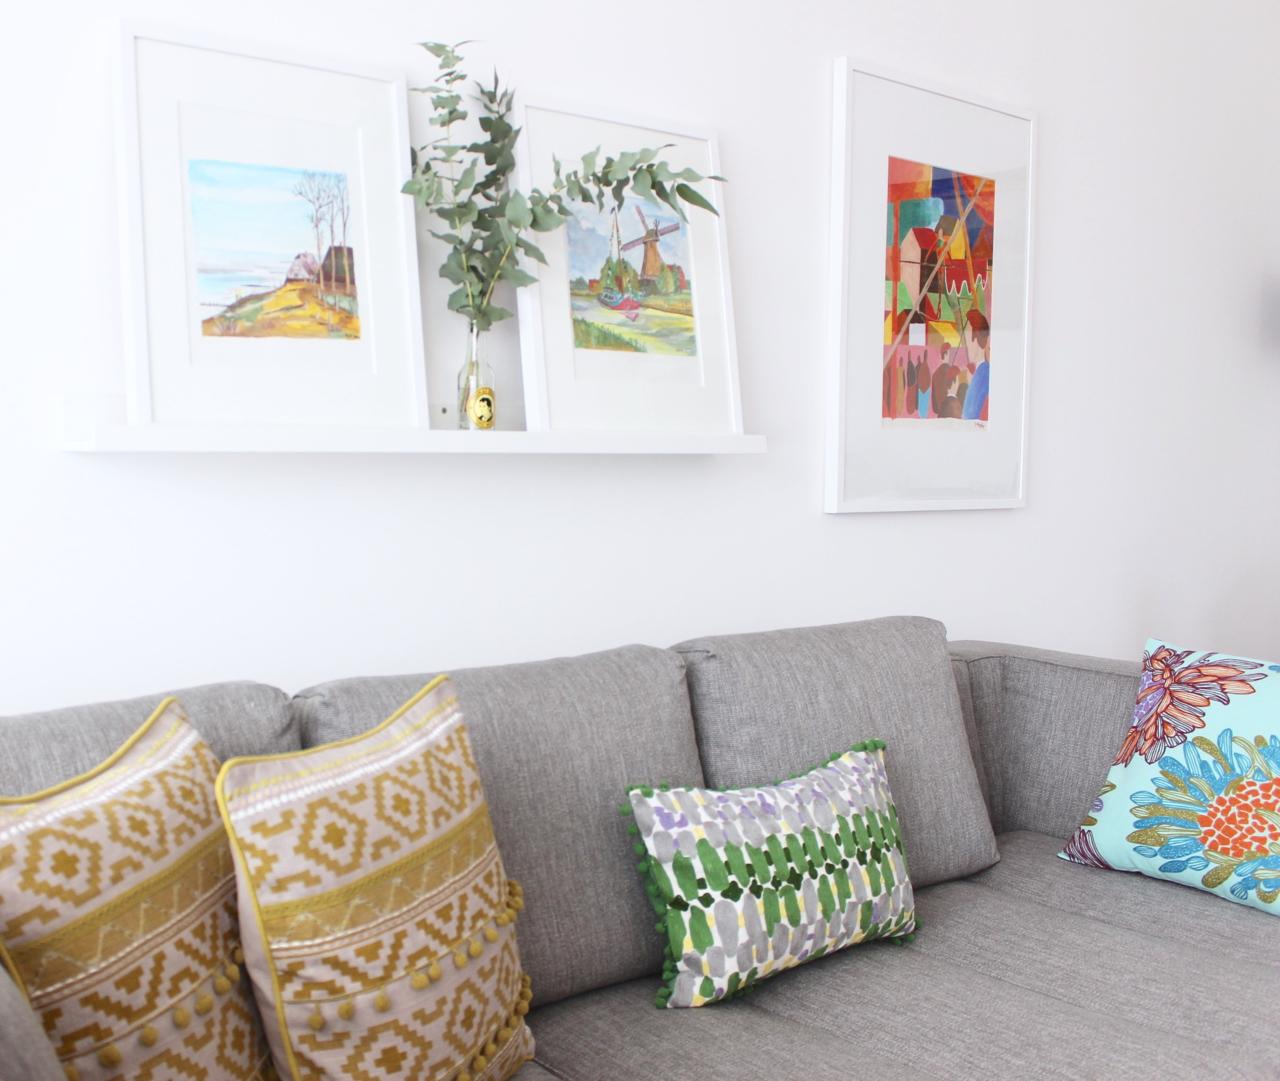 Mit Westwing zieht der Frühling ein Jennifer PepperAndGold Dekoration Einrichtung Wohnen Styling WestwingShopping Möbel Furniture Decoration Accommodation Frühling Westwing Living Home Einrichtung